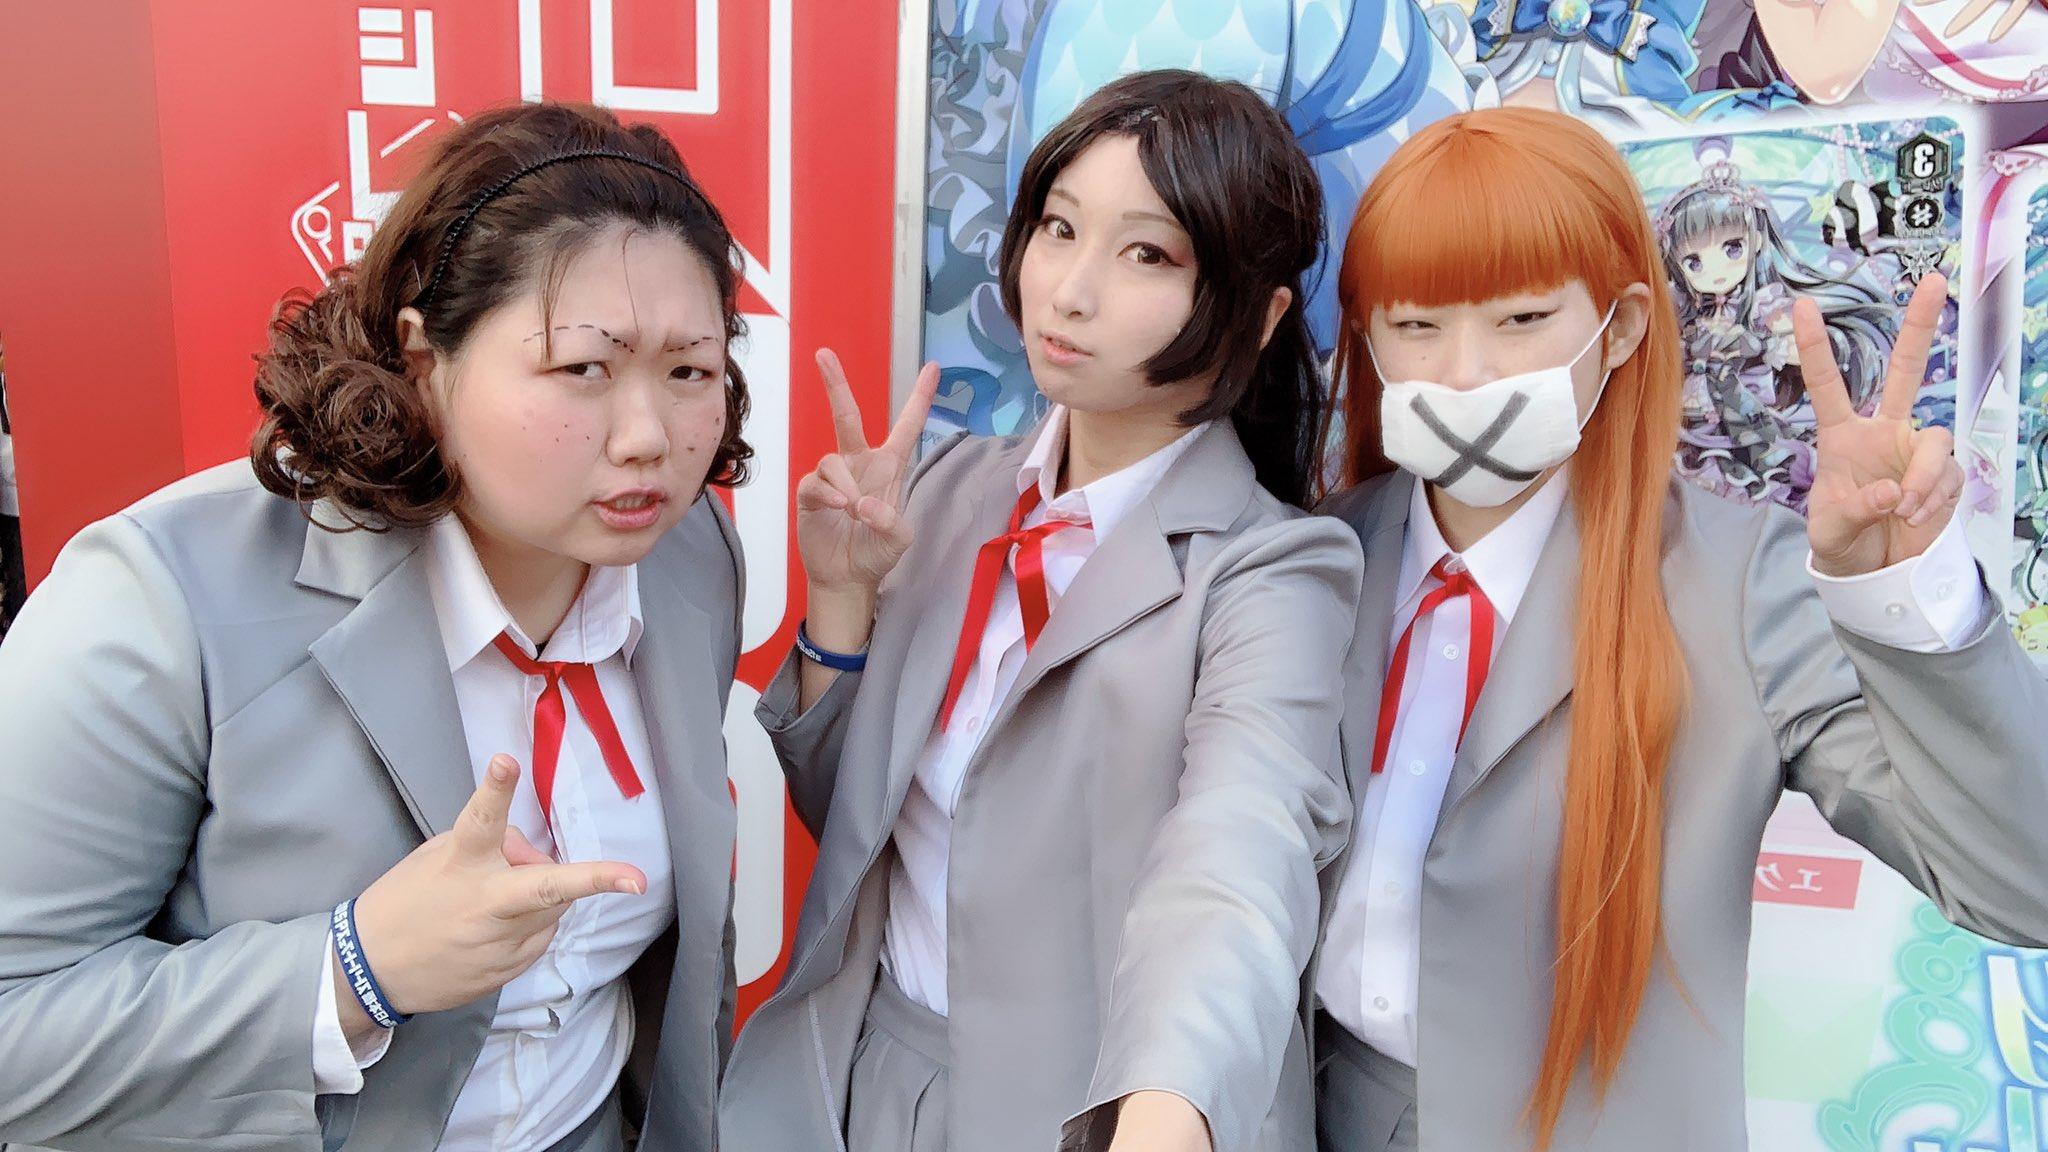 埼玉紅さそり隊参上(*´ω`*)